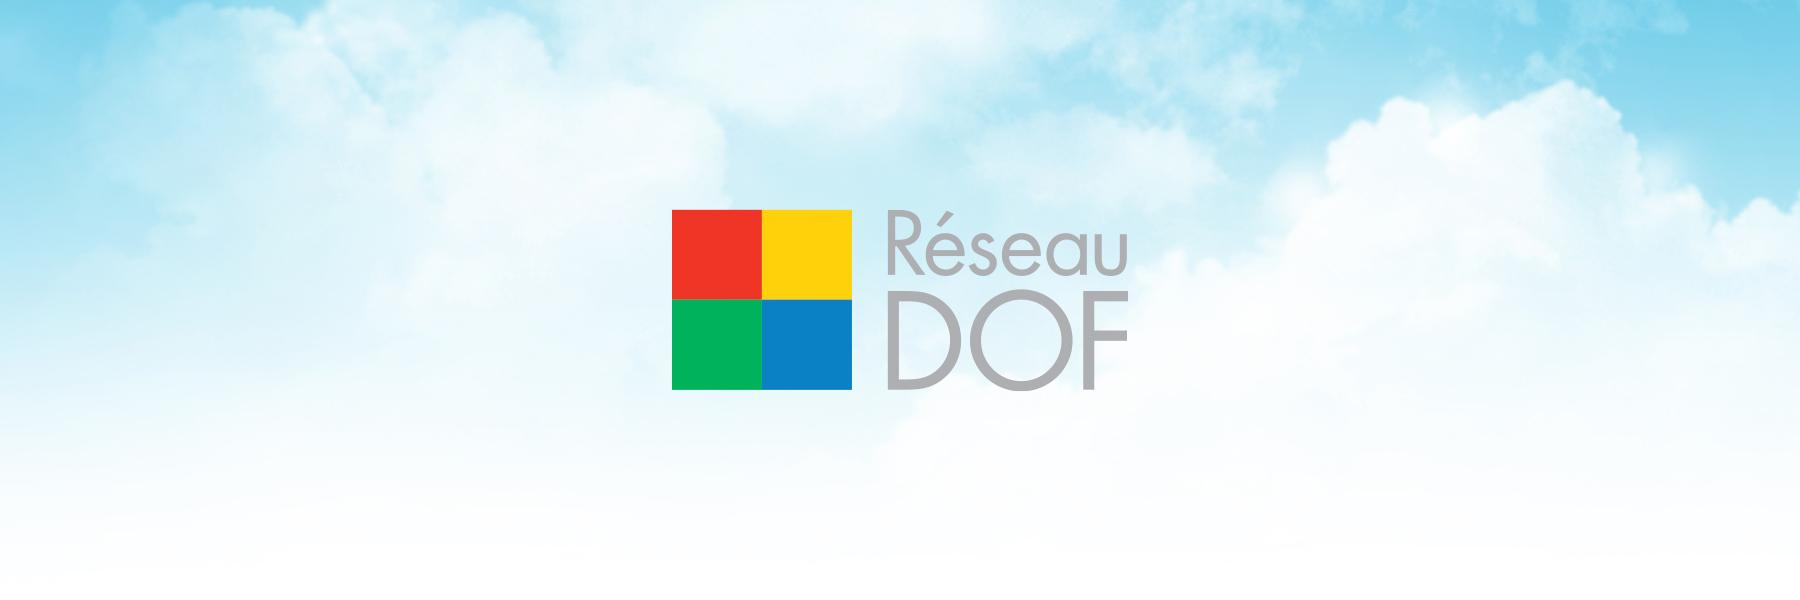 Reseau-DOF-Logo